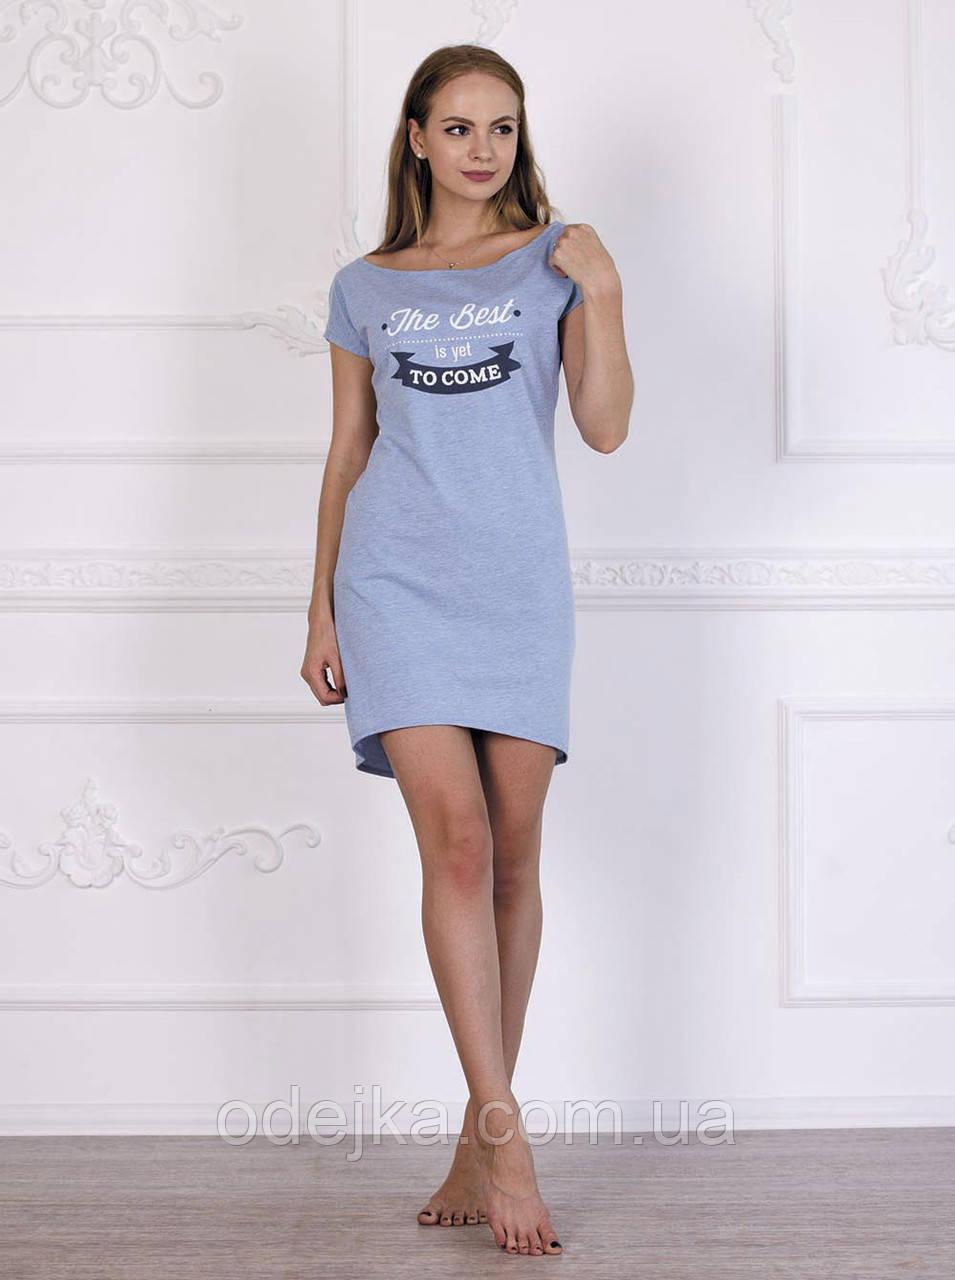 Стильное домашнее платье, ночная сорочка красивого цвета голубой меланж 593.